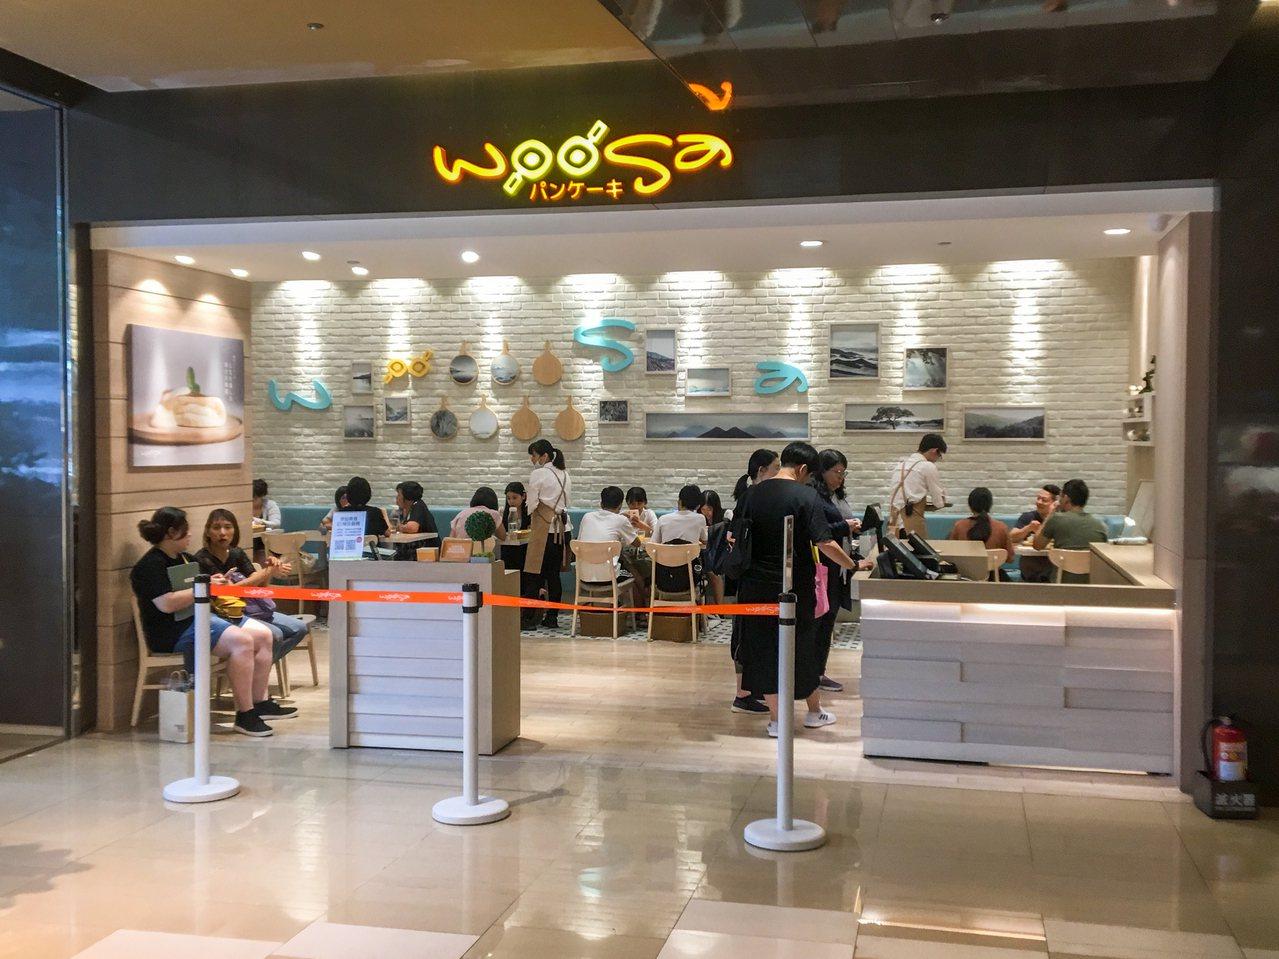 北市京站時尚廣場2樓的Woosa屋莎鬆餅屋,今早驚傳女員工手掌遭絞肉機捲入意外。...